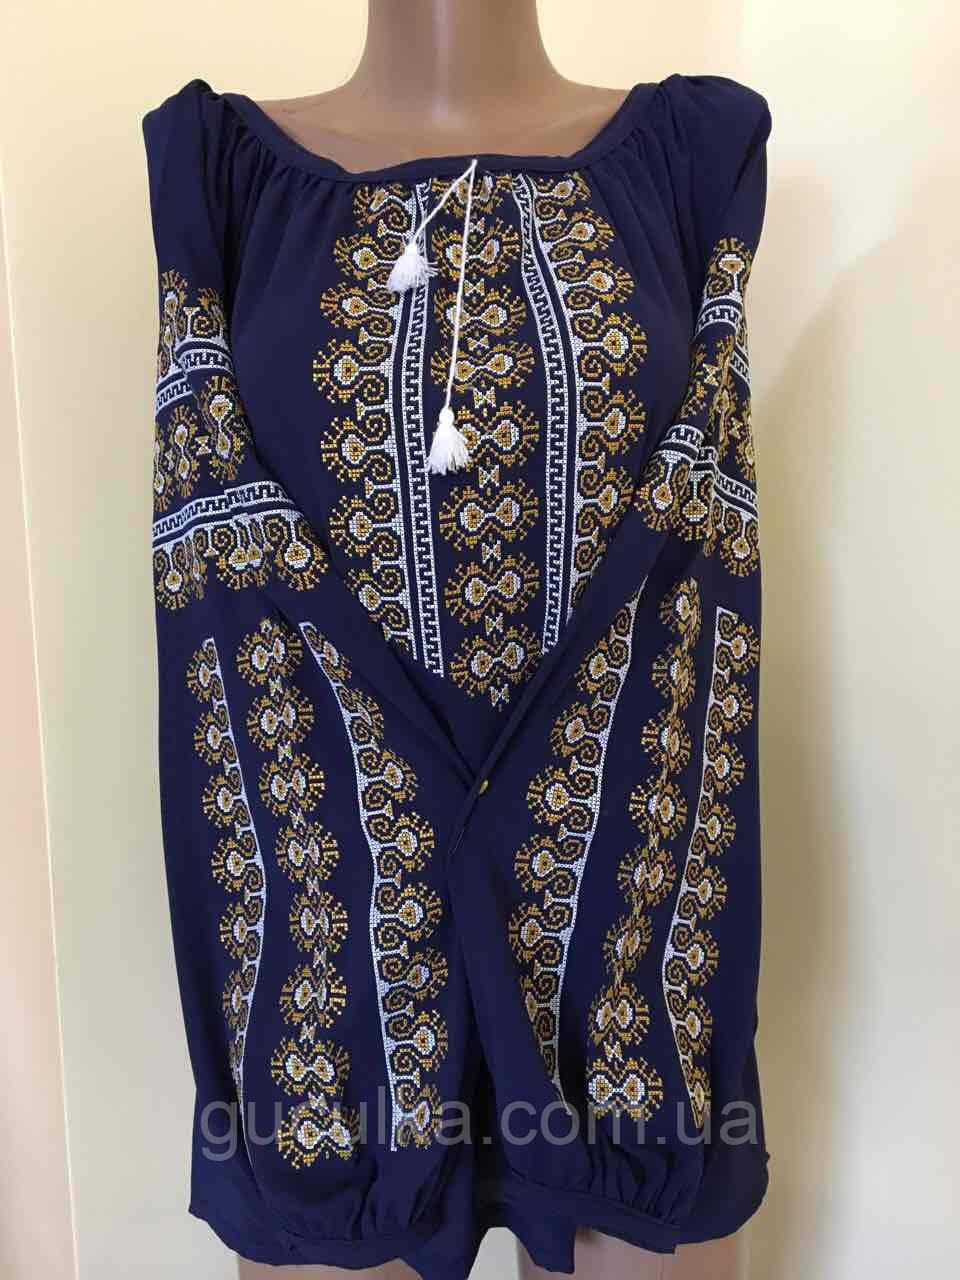 b45709813cc Шифонова вишита блуза синього кольору - Інтернет-магазин